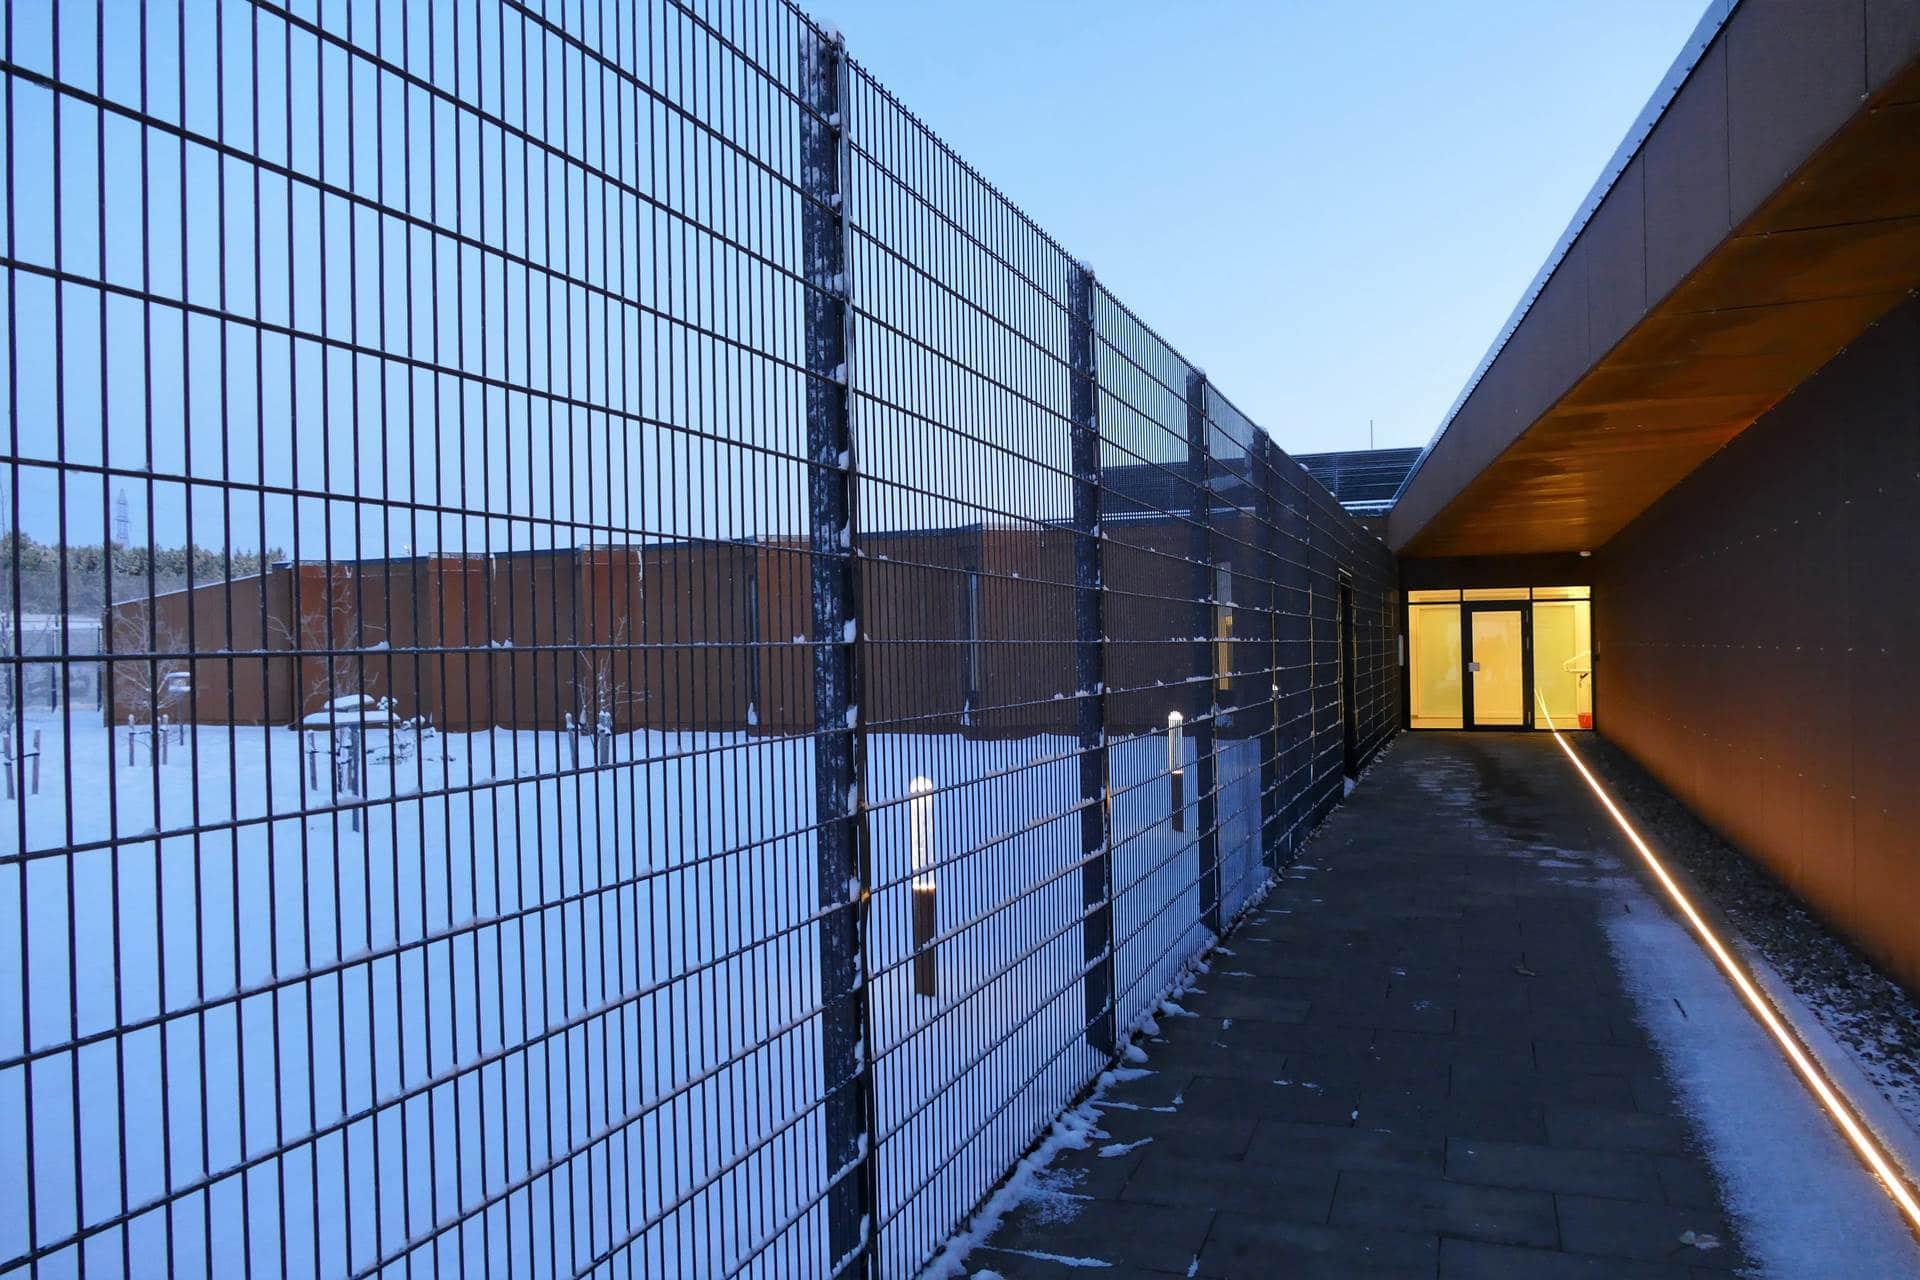 Hólmsheiði prison Iceland